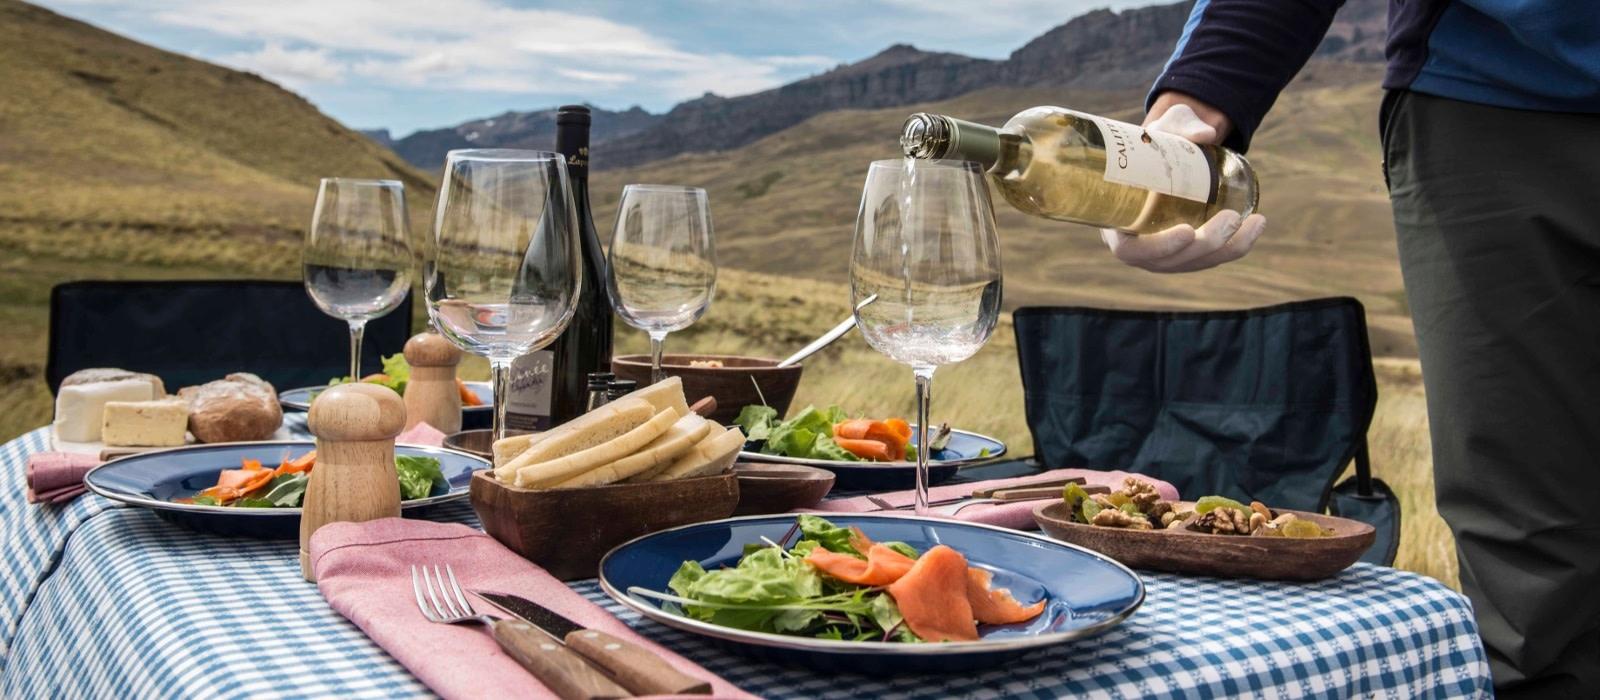 Hotel Awasi Patagonia Chile